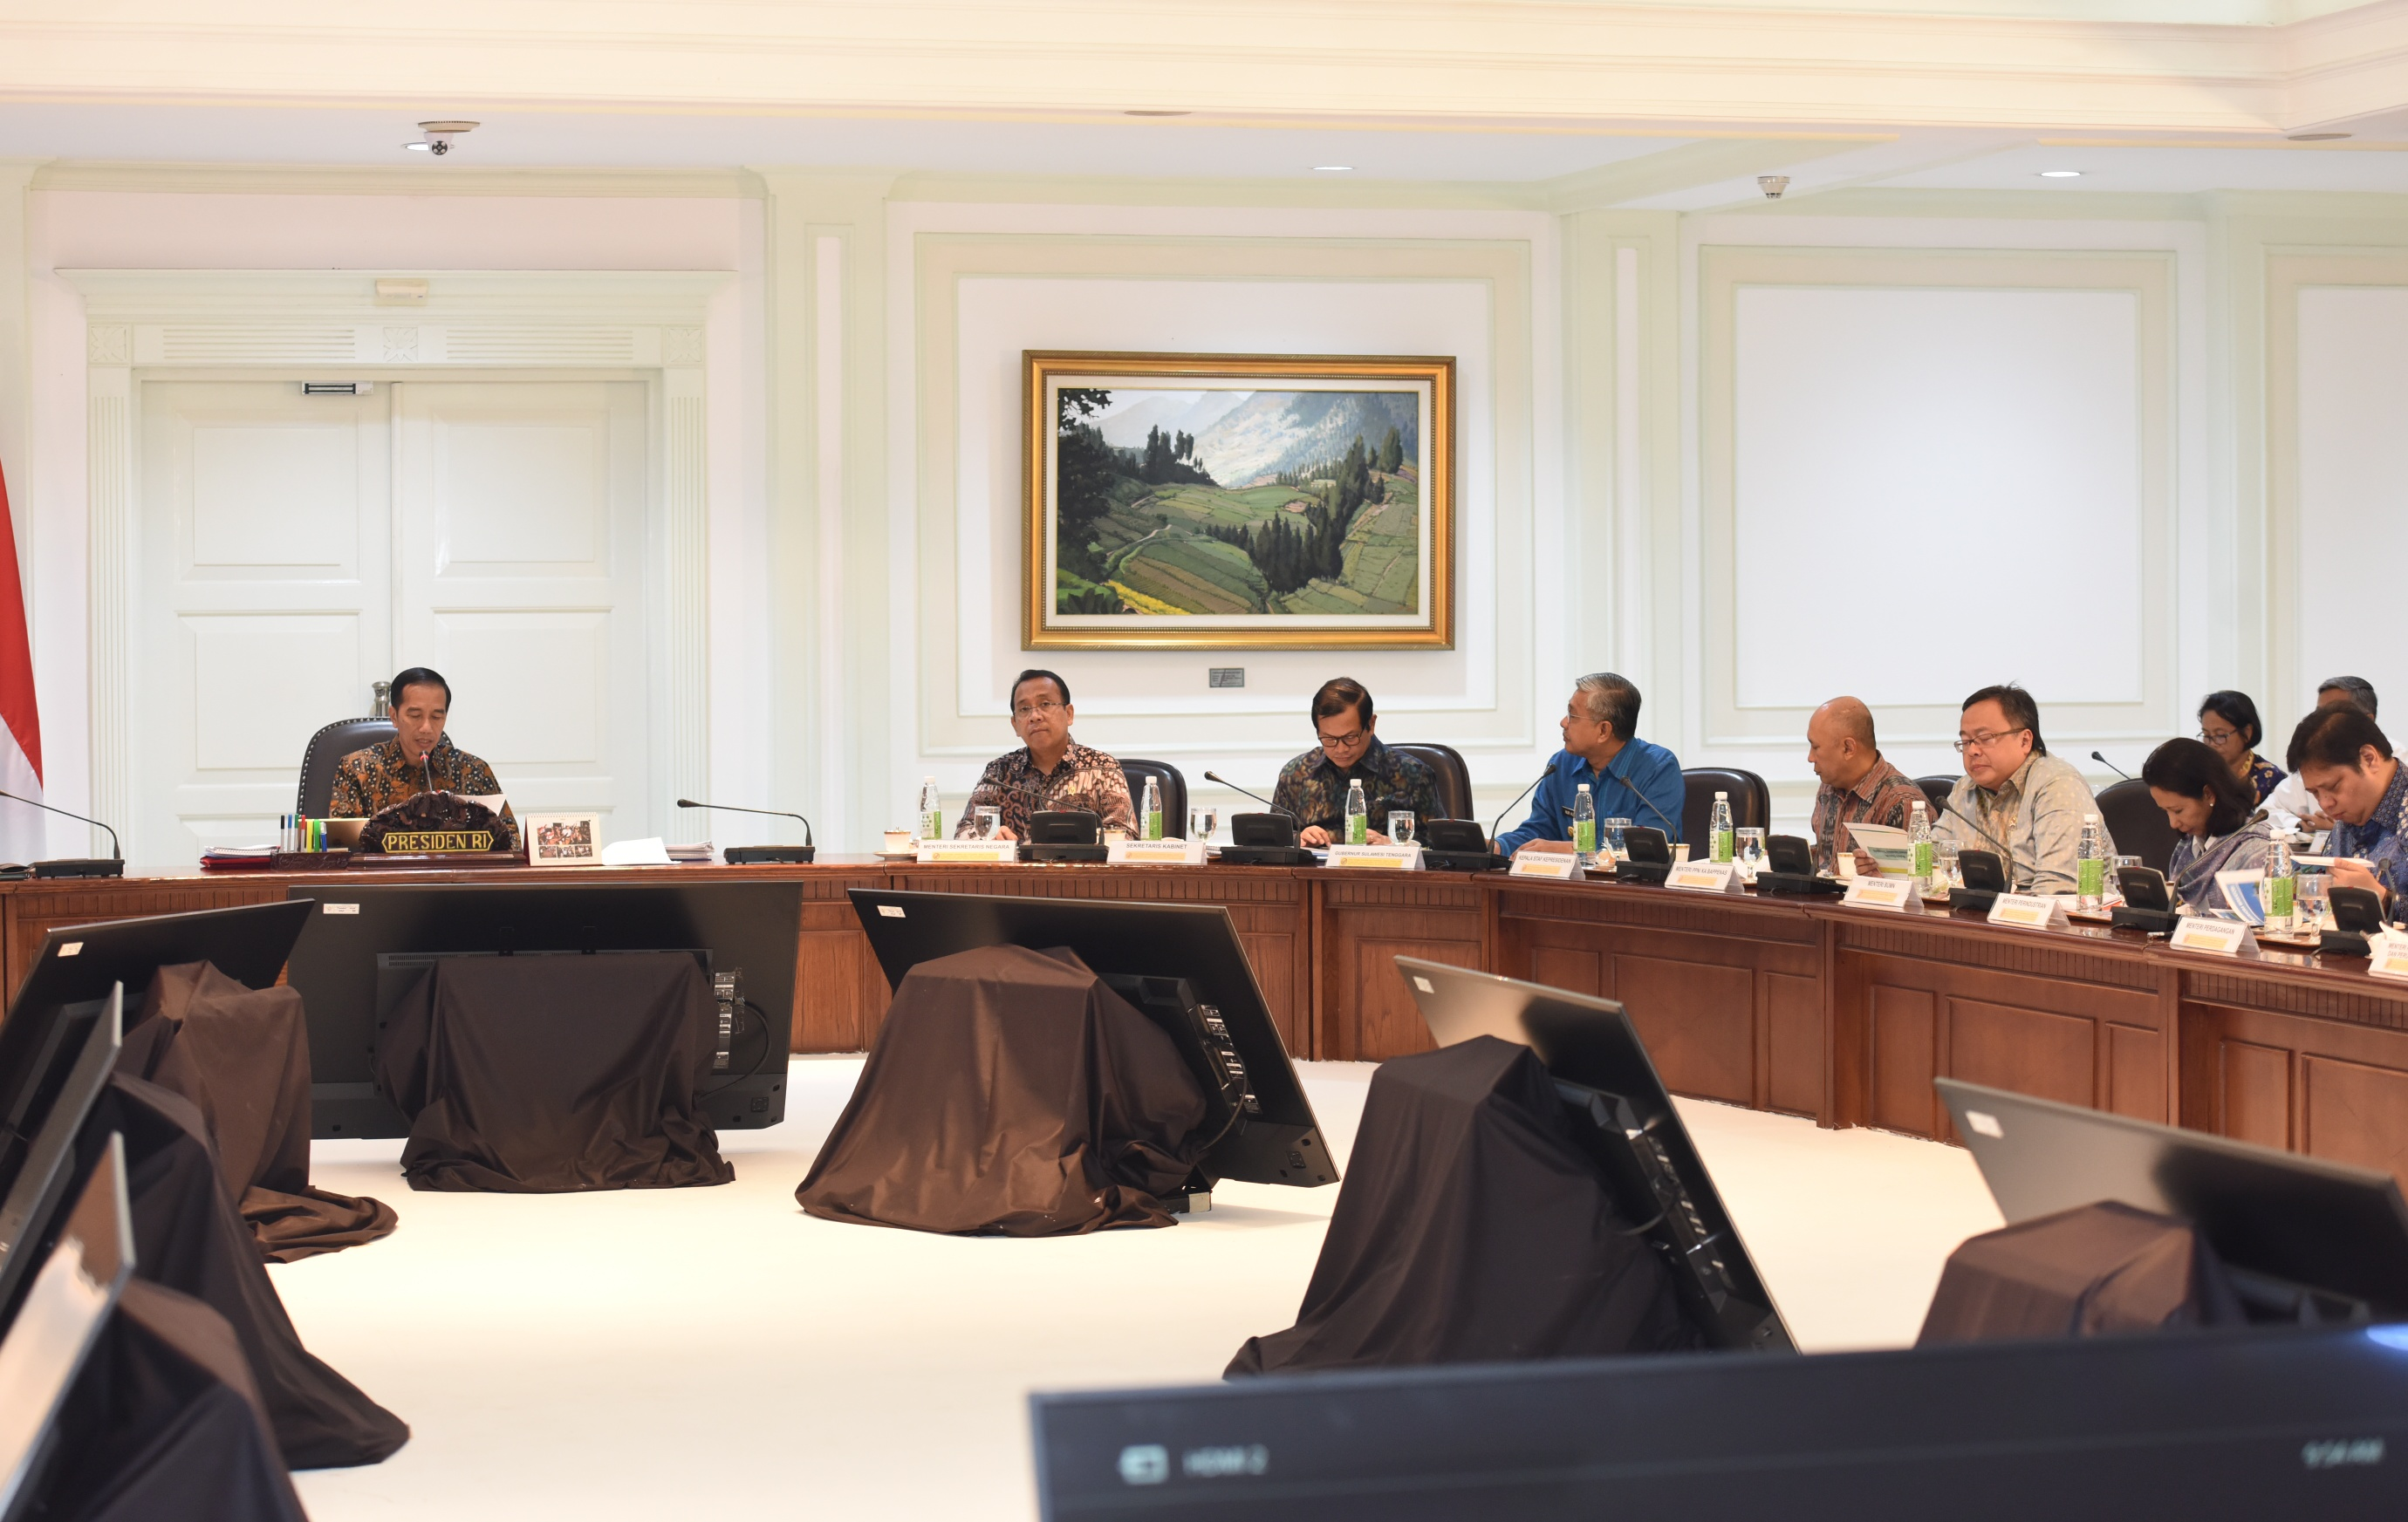 Presiden Jokowi saat memimpin Ratas Evaluasi Program Strategis Nasional dan Proyek Prioritas Provinsi Sultra di Kantor Presiden, Jakarta, Senin (10/4). (Foto: Humas/Jay)